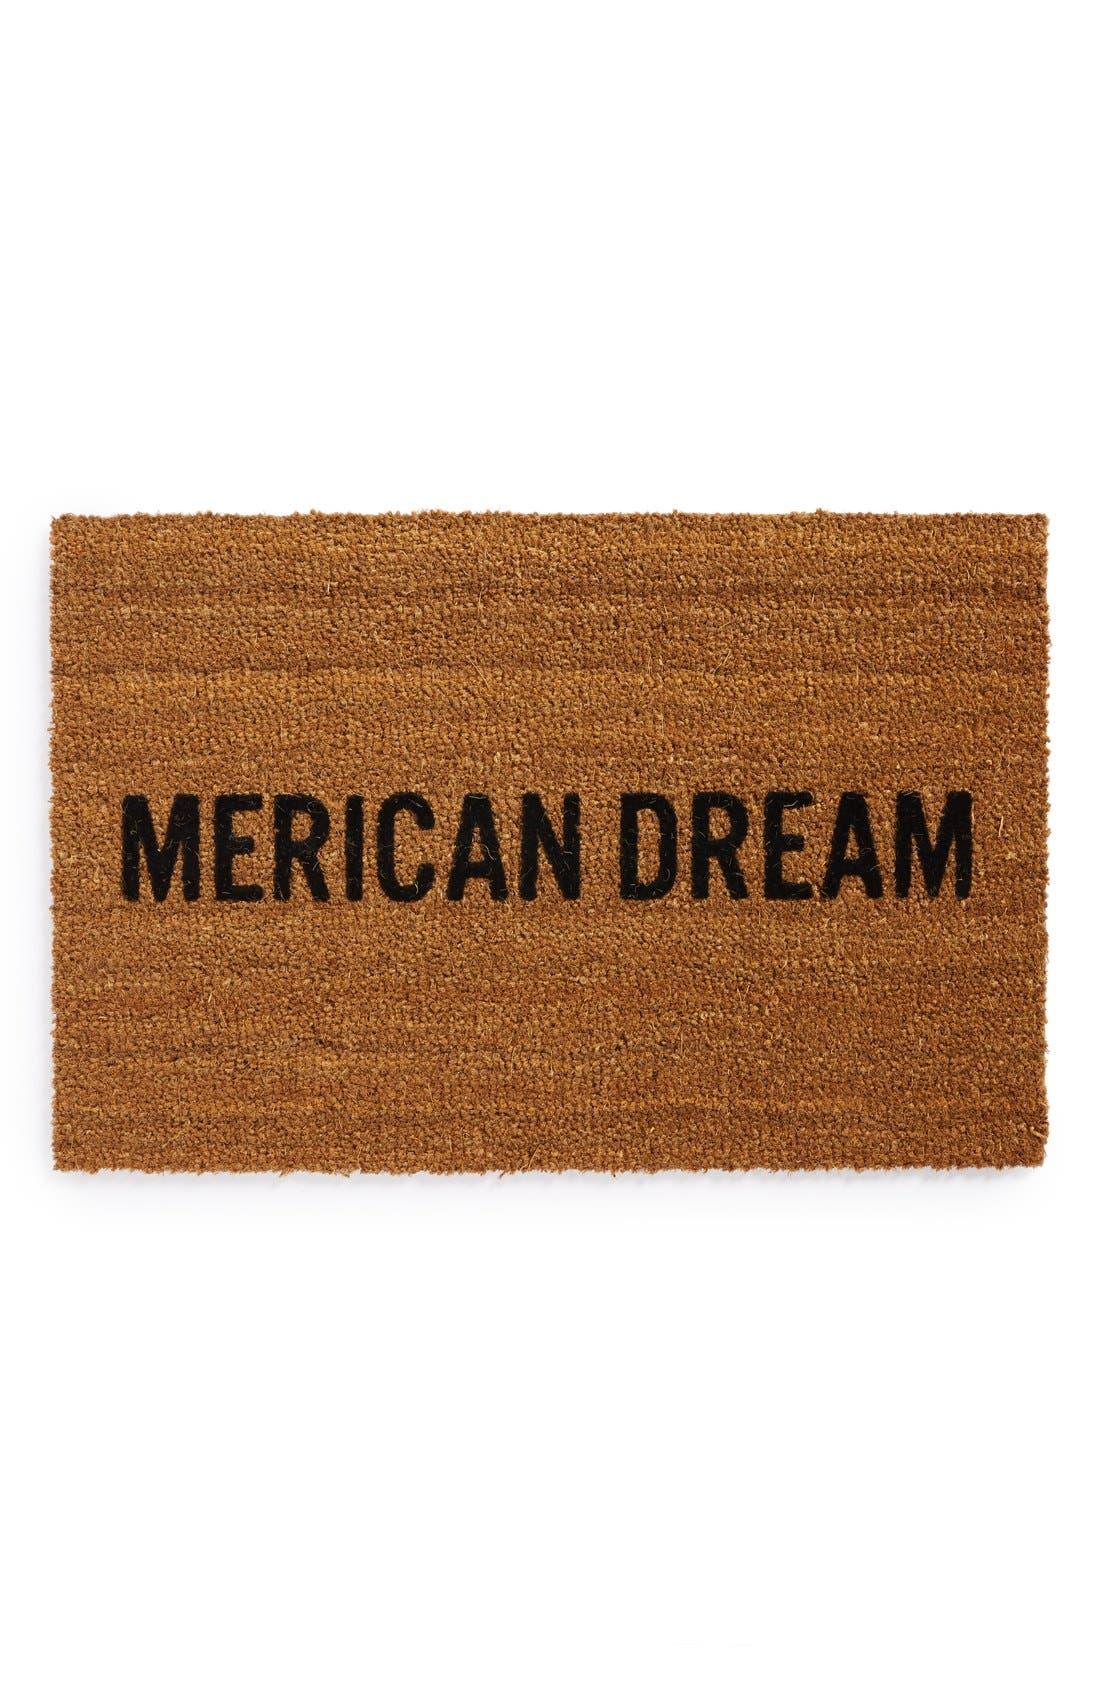 Main Image - Reed Wilson Design 'Merican Dream' Doormat